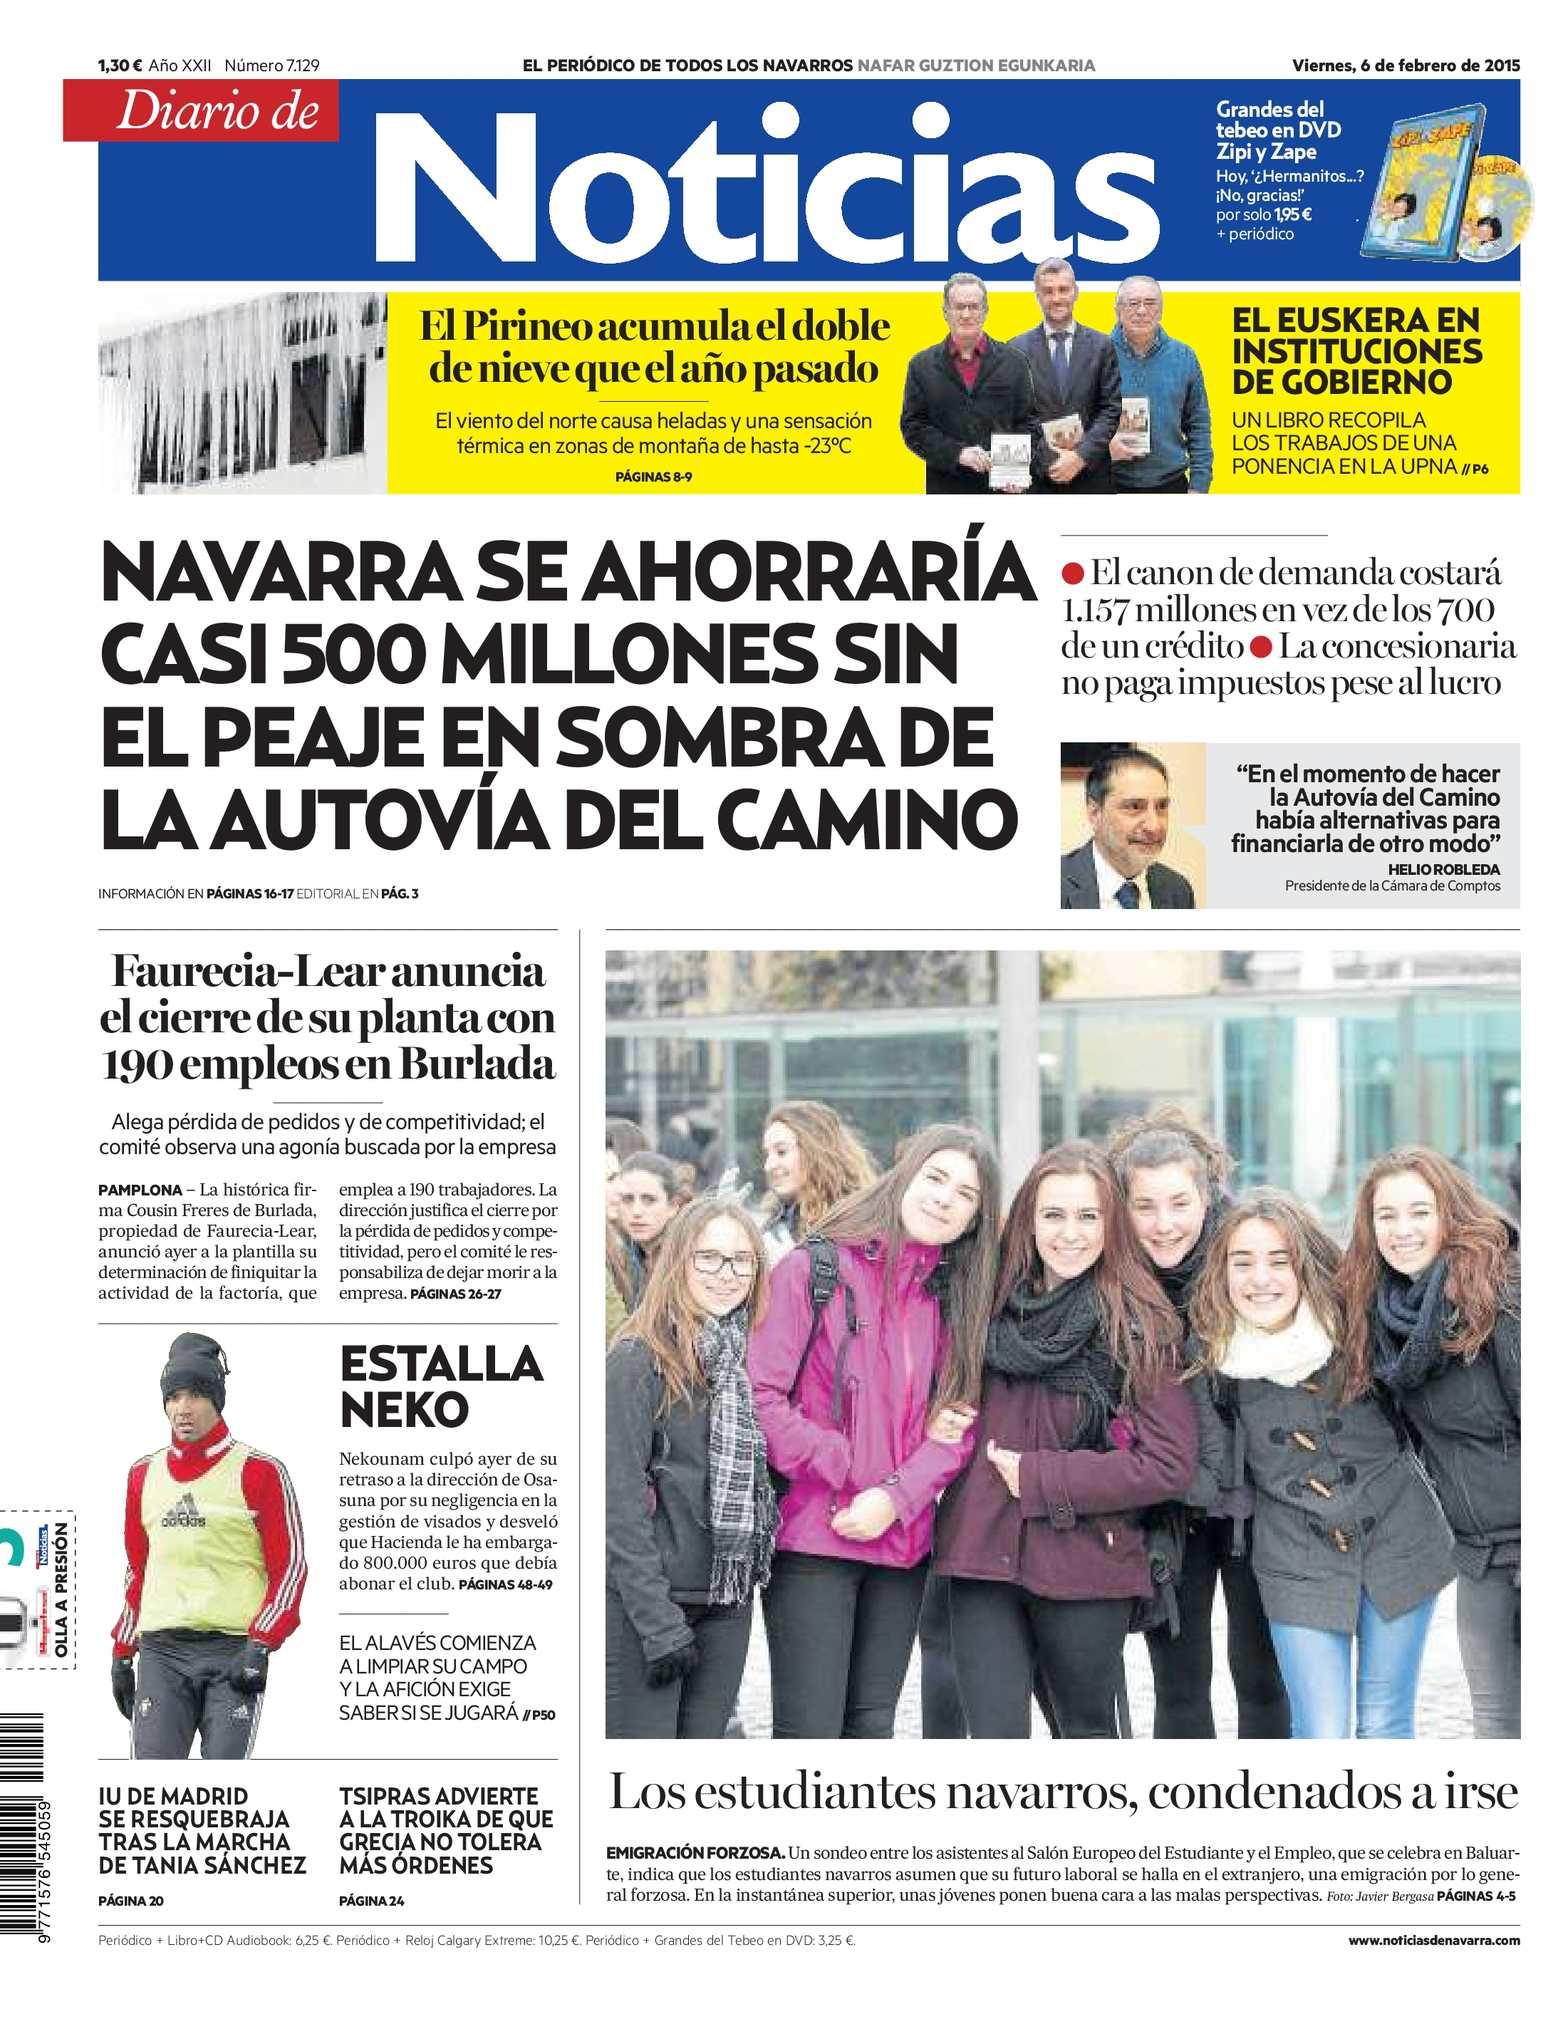 Noticias Calaméo 20150206 Diario De Calaméo Diario Calaméo 20150206 De Noticias jR534ALq